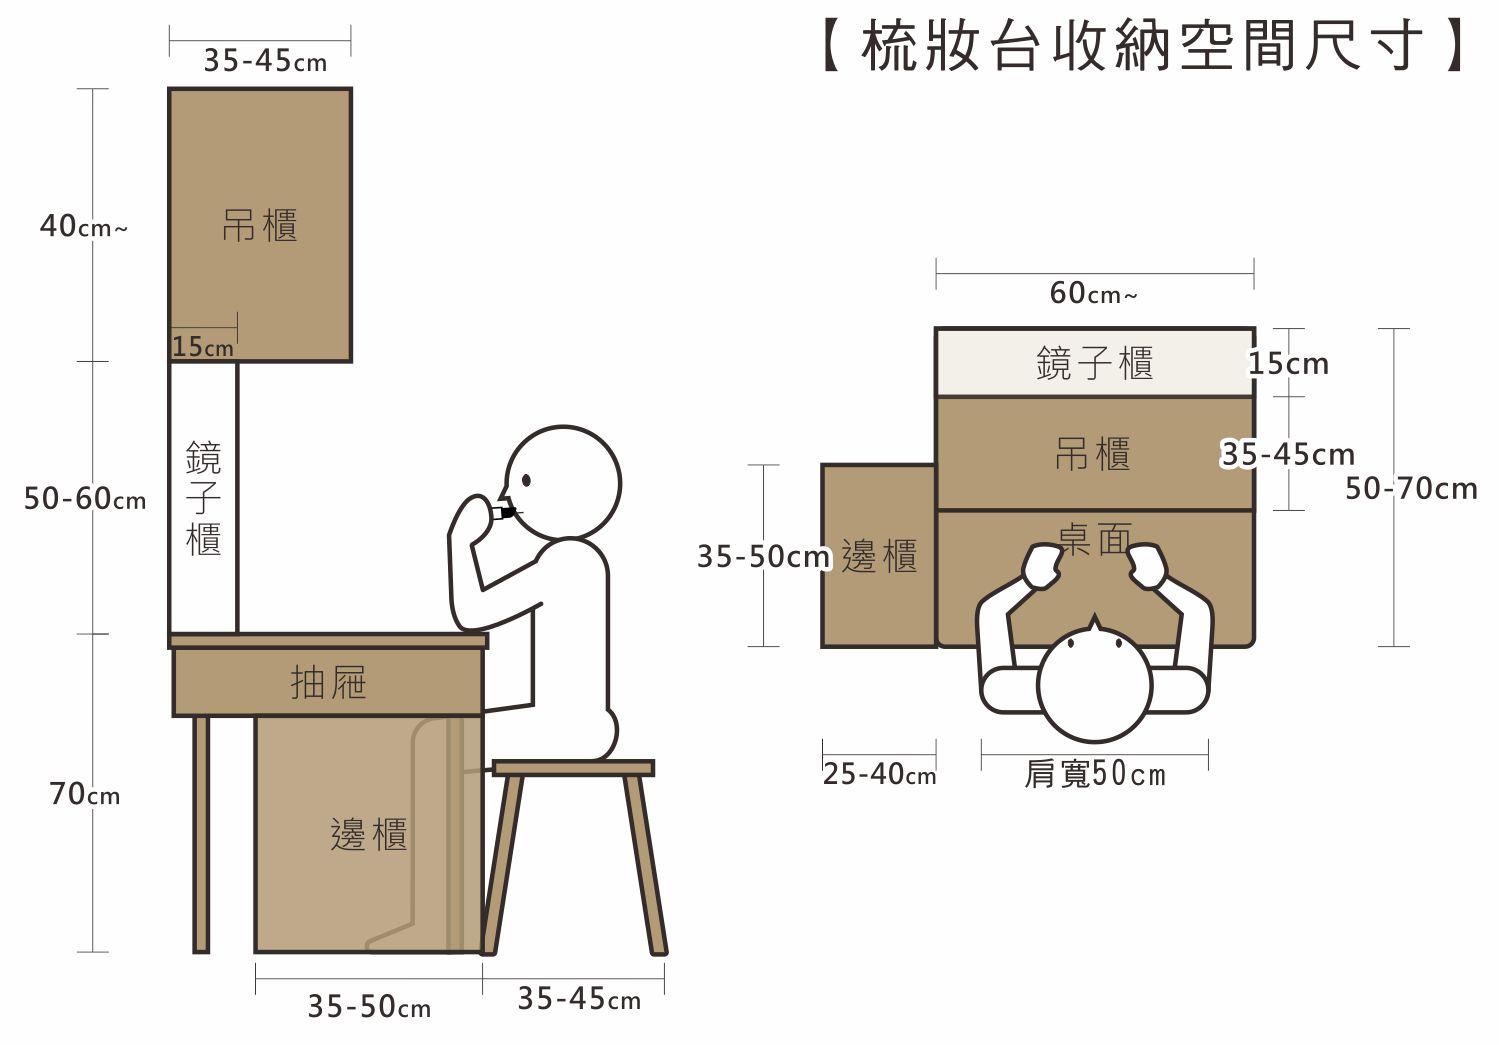 梳妝台收納空間尺寸;